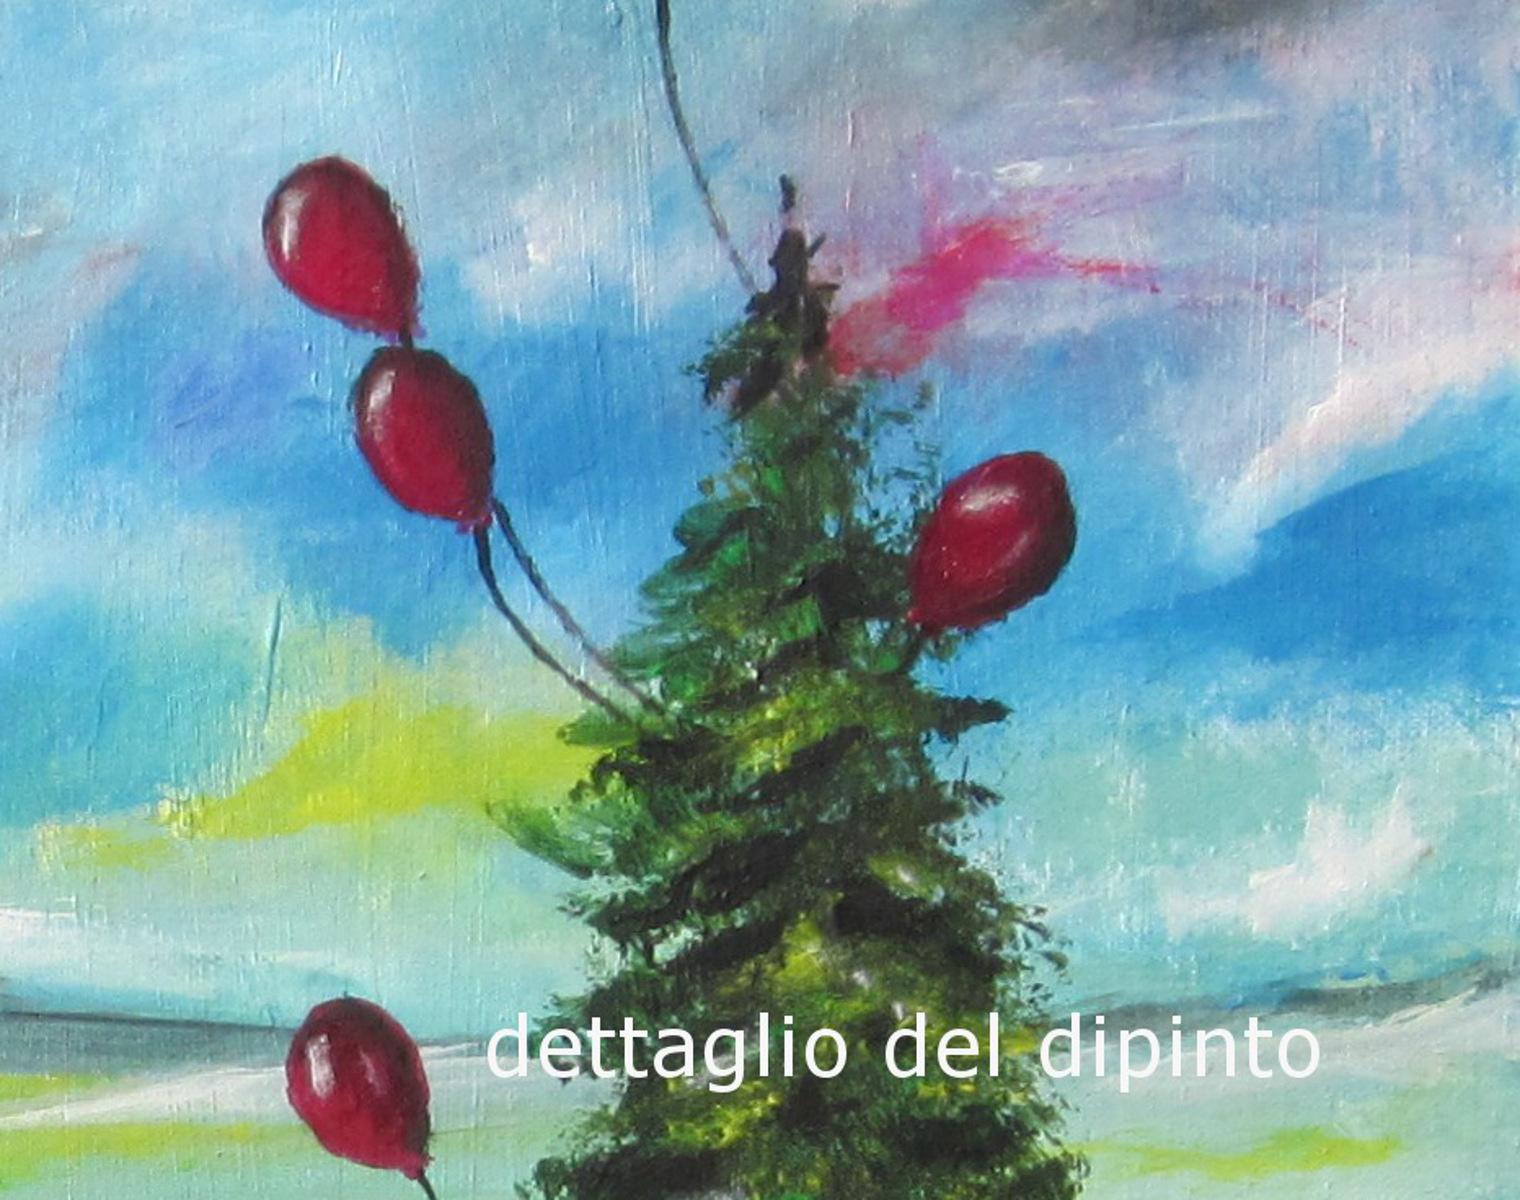 palloncini salva alberodettaglio - dipinto surreale titolo palloncini salva albero-70x50